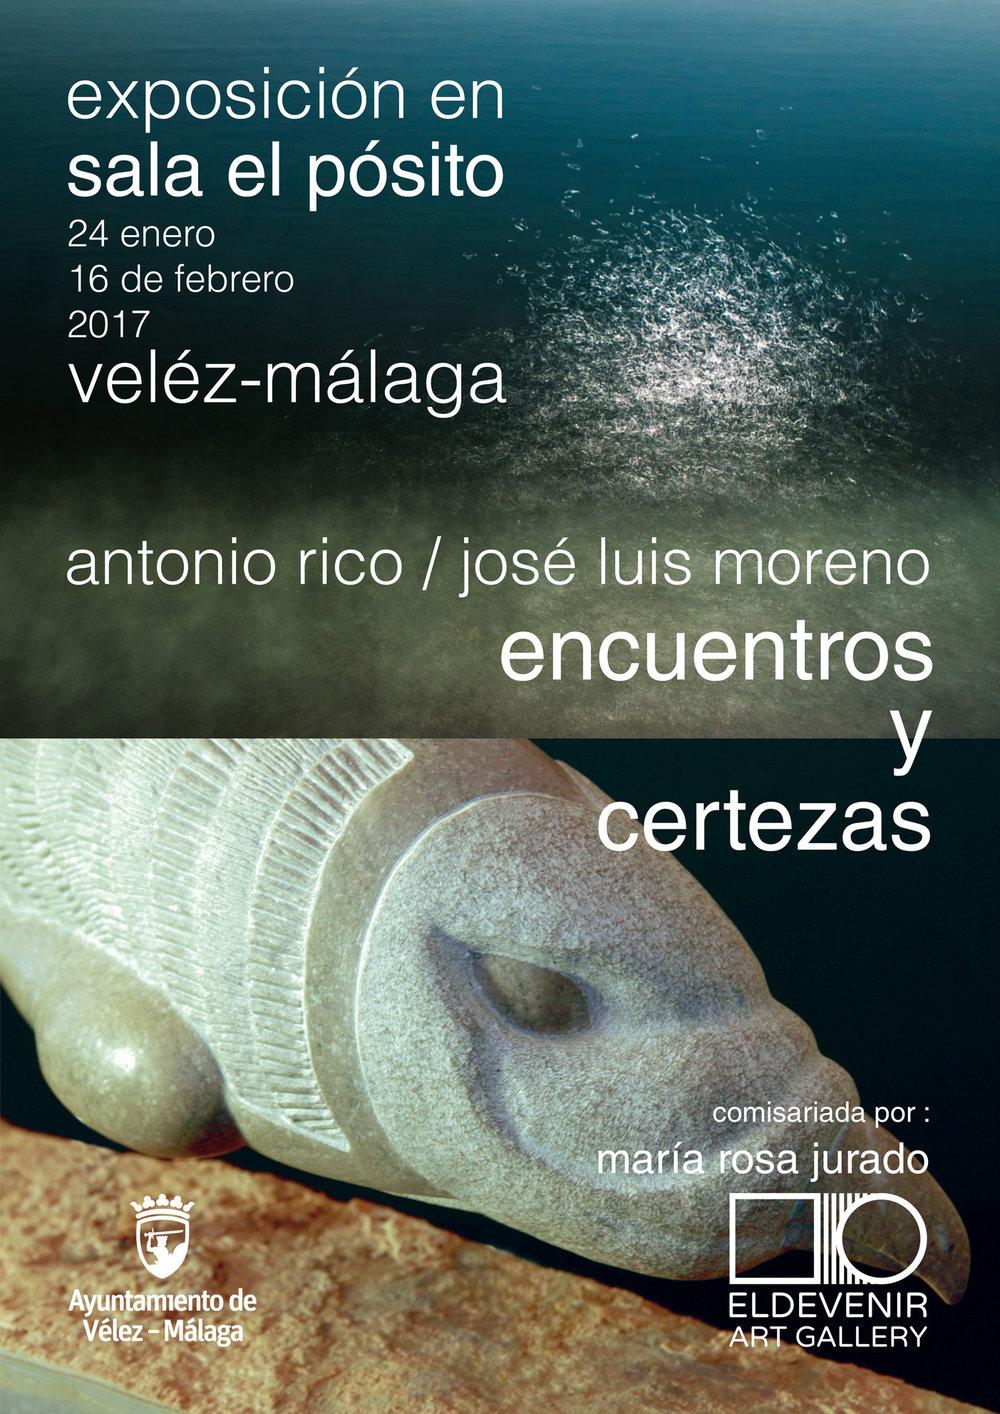 cartel-final-encuentros-y-certezas-posito-eldevenir-antonio-rico-jose-luis-moreno-maria-rosa-jurado.jpg